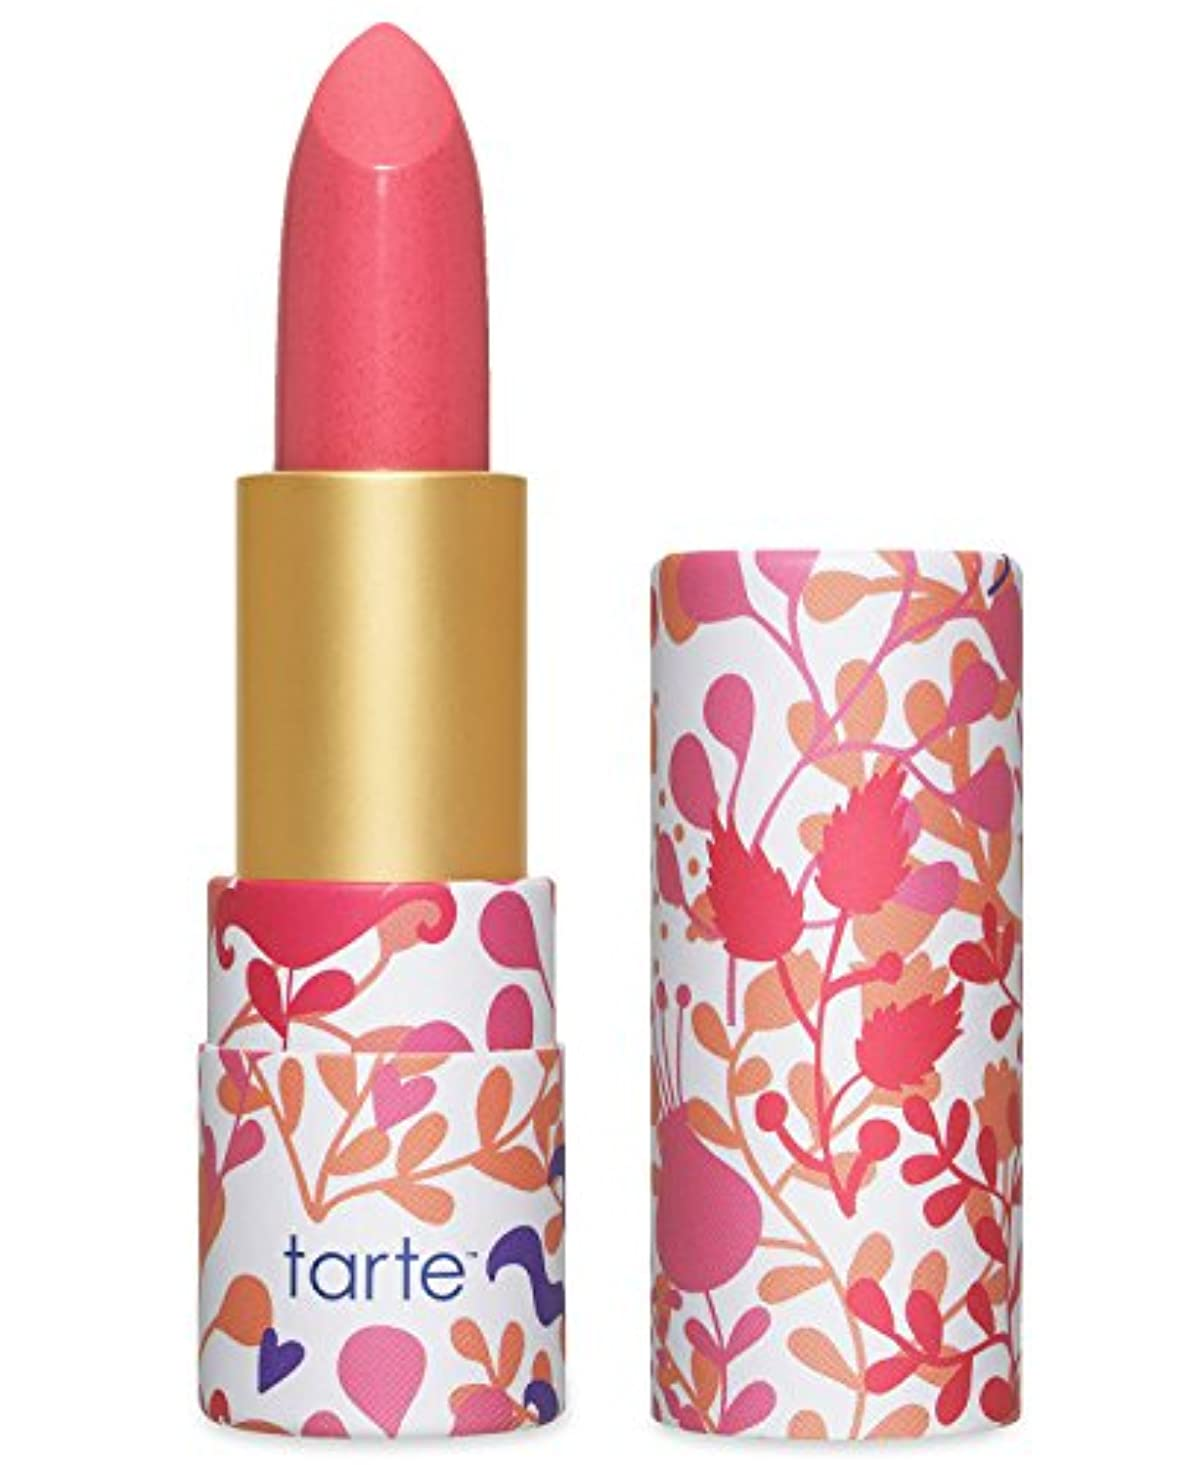 優勢虫を数える同一のTarte Amazonian Butter Lipstick ターテ アマゾニアン バターリップステック Pink Peony [並行輸入品]